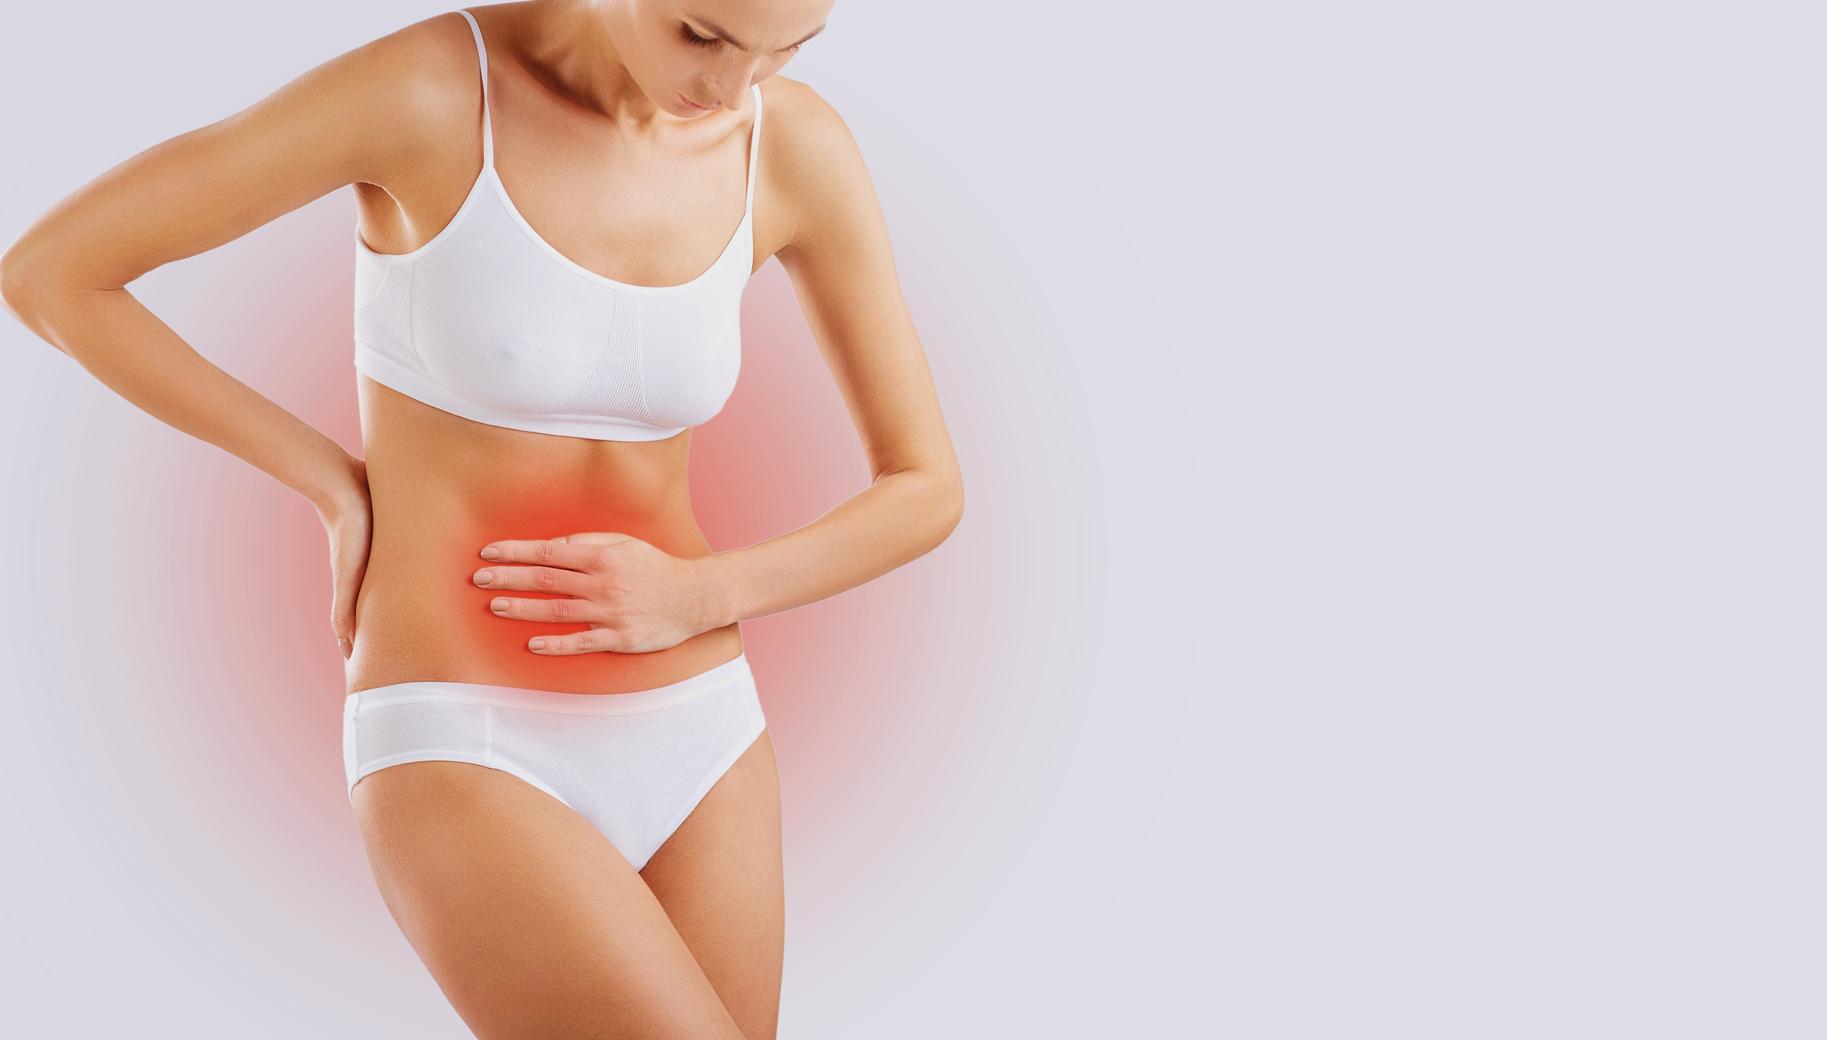 Zdjęcie koncepcyjne: Kobieta trzymająca się za bolący brzuch / Dysbioza jelitowa a endometrioza i niepłodność